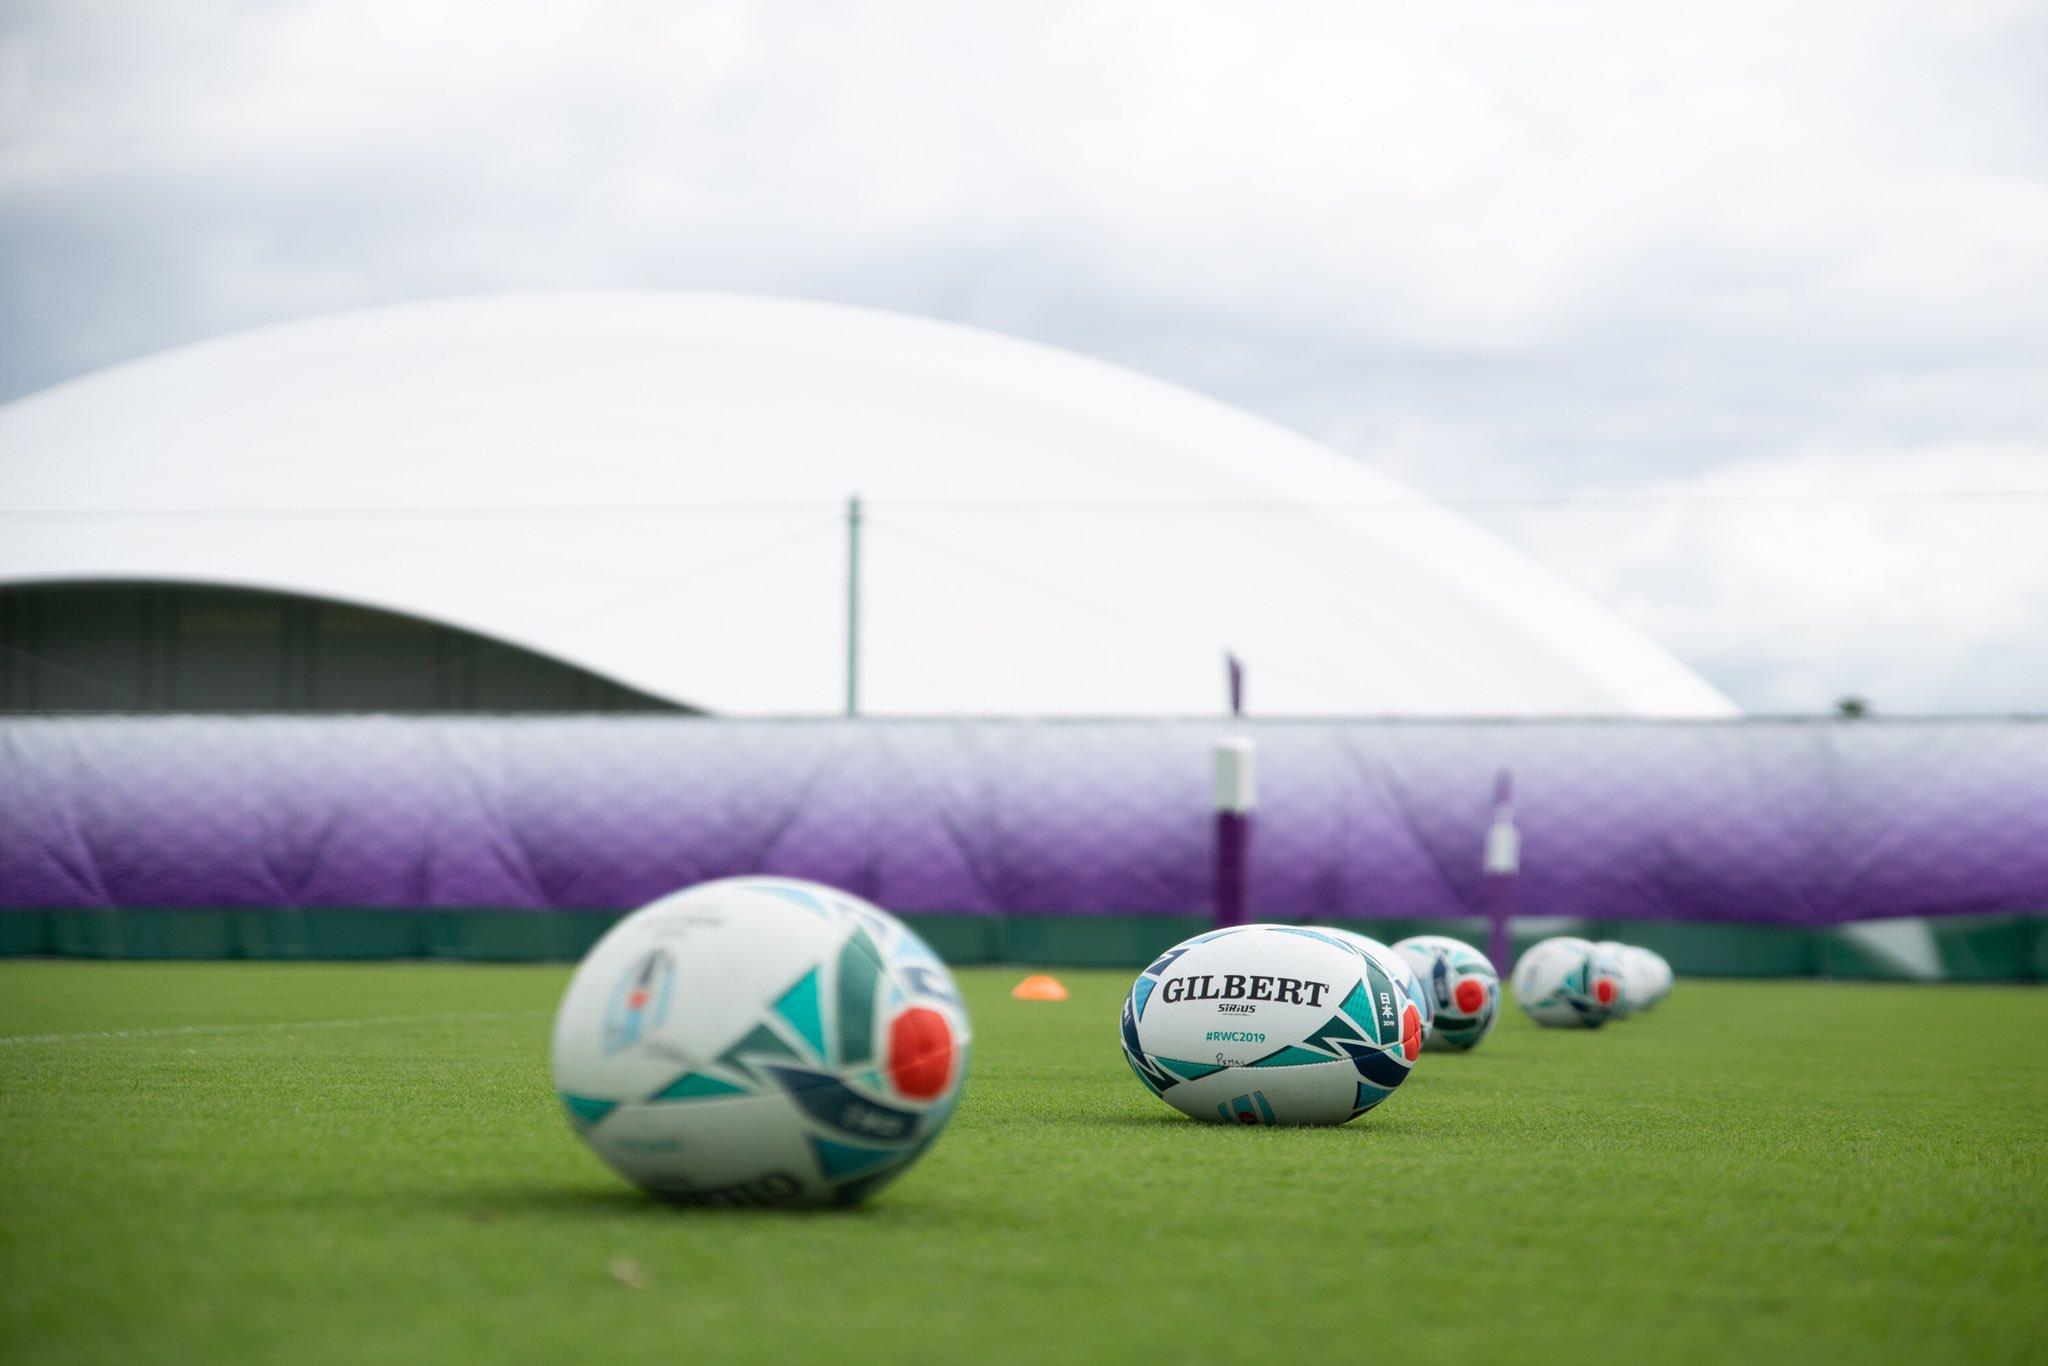 Día, hora y TV de los partidos de Los Pumas en el Mundial de Rugby